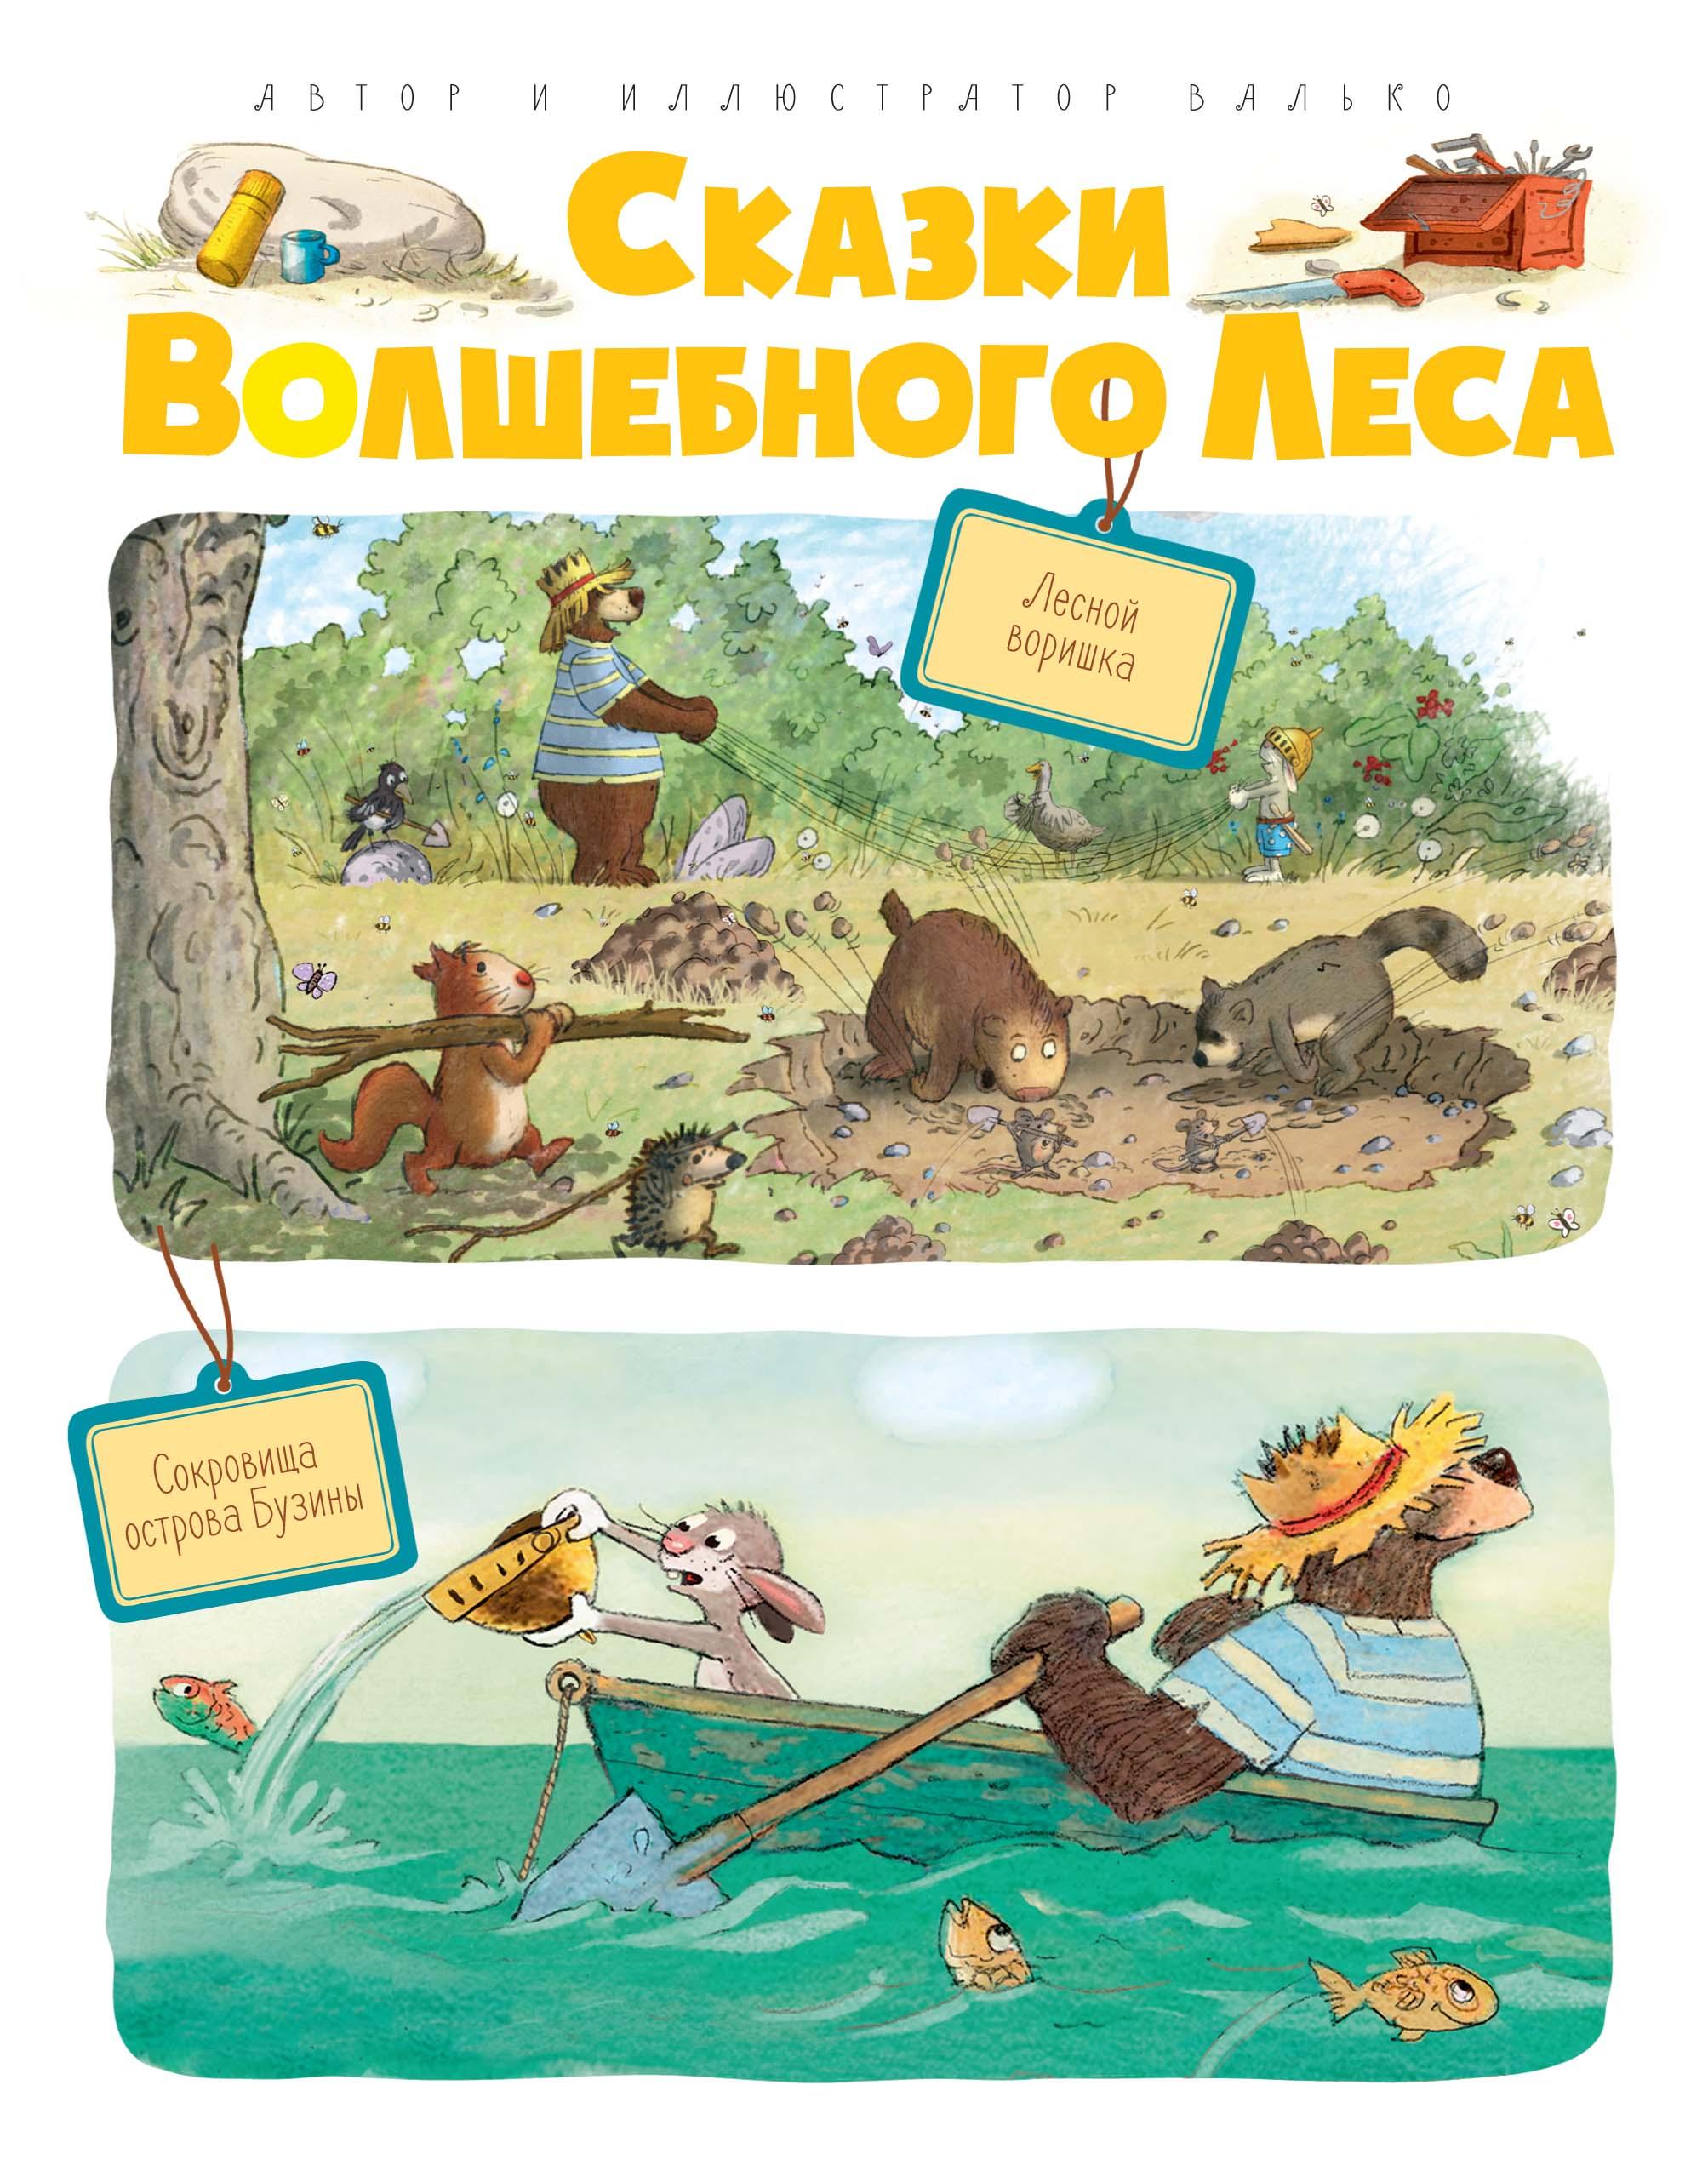 Валько Сказки Волшебного леса: Лесной воришка, Сокровища острова Бузины стоимость